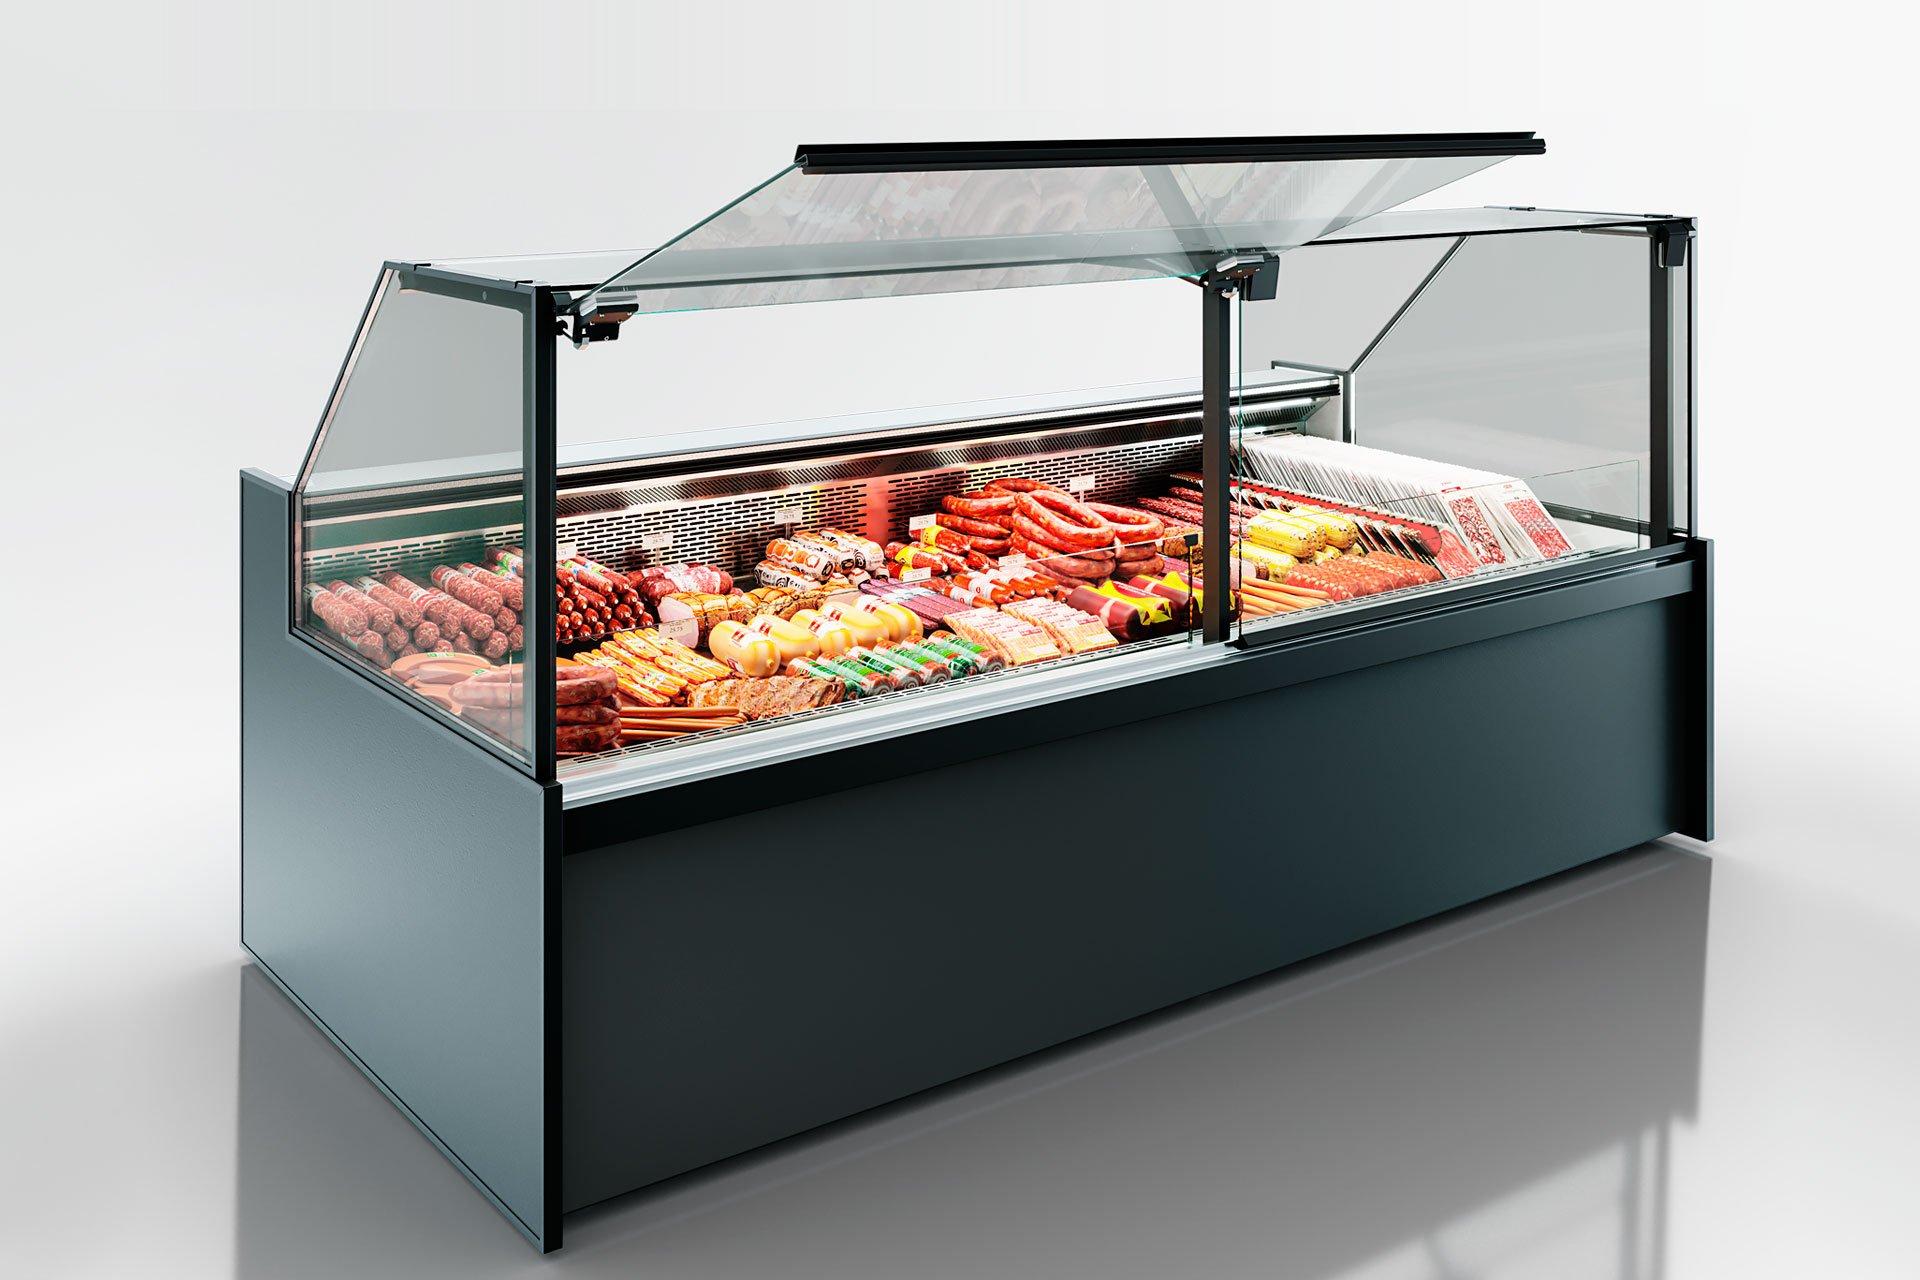 Холодильна вітрина Missouri MC 120 deli PS 130-DBM/DLM